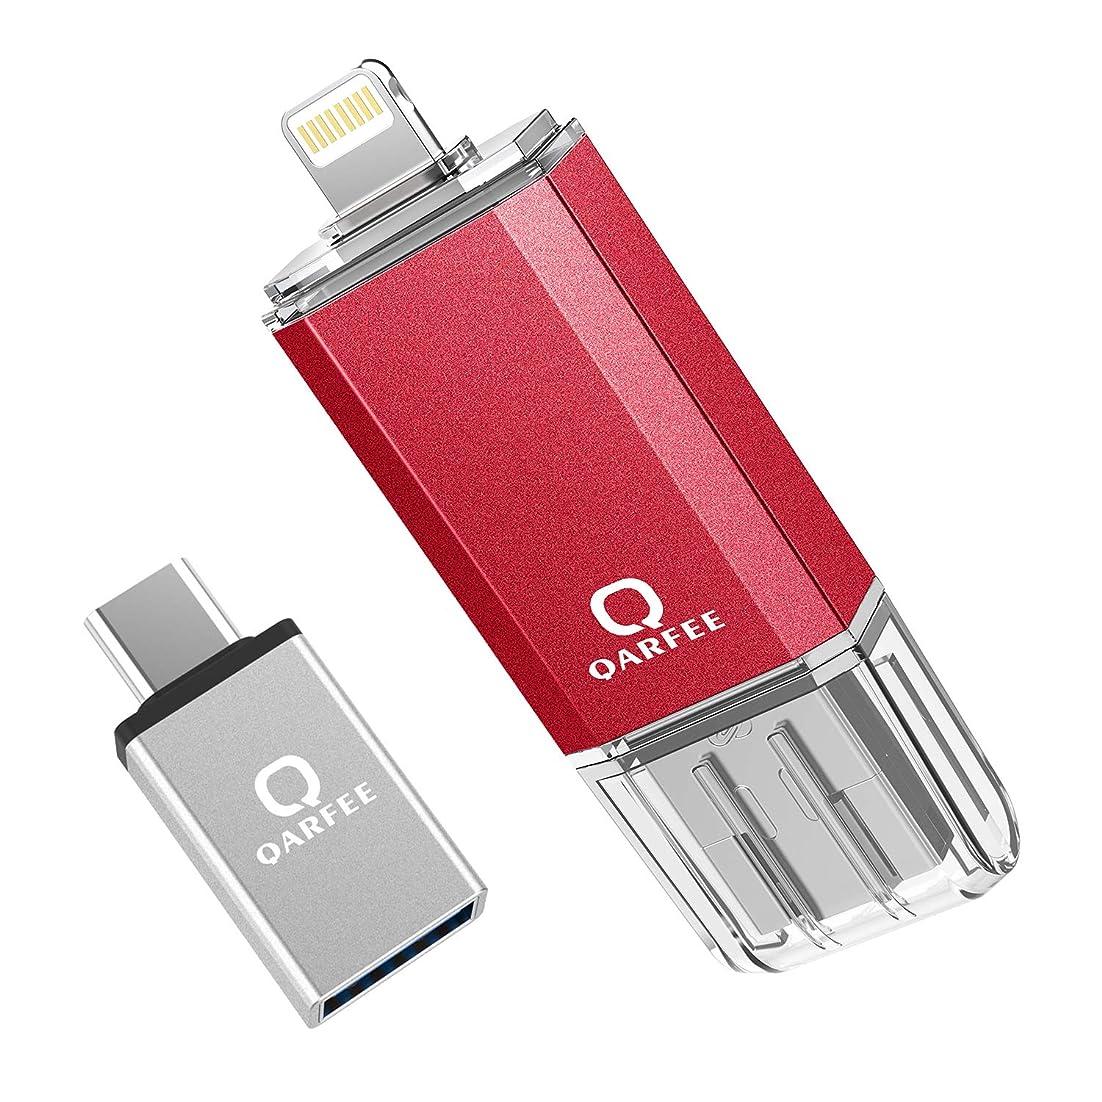 感情リベラル収まるSanDisk USBメモリ  32GB USB 2.0 超小型 Cruzer Fit 【正規代理店品 5年保証】 SDCZ33-032G-JA57